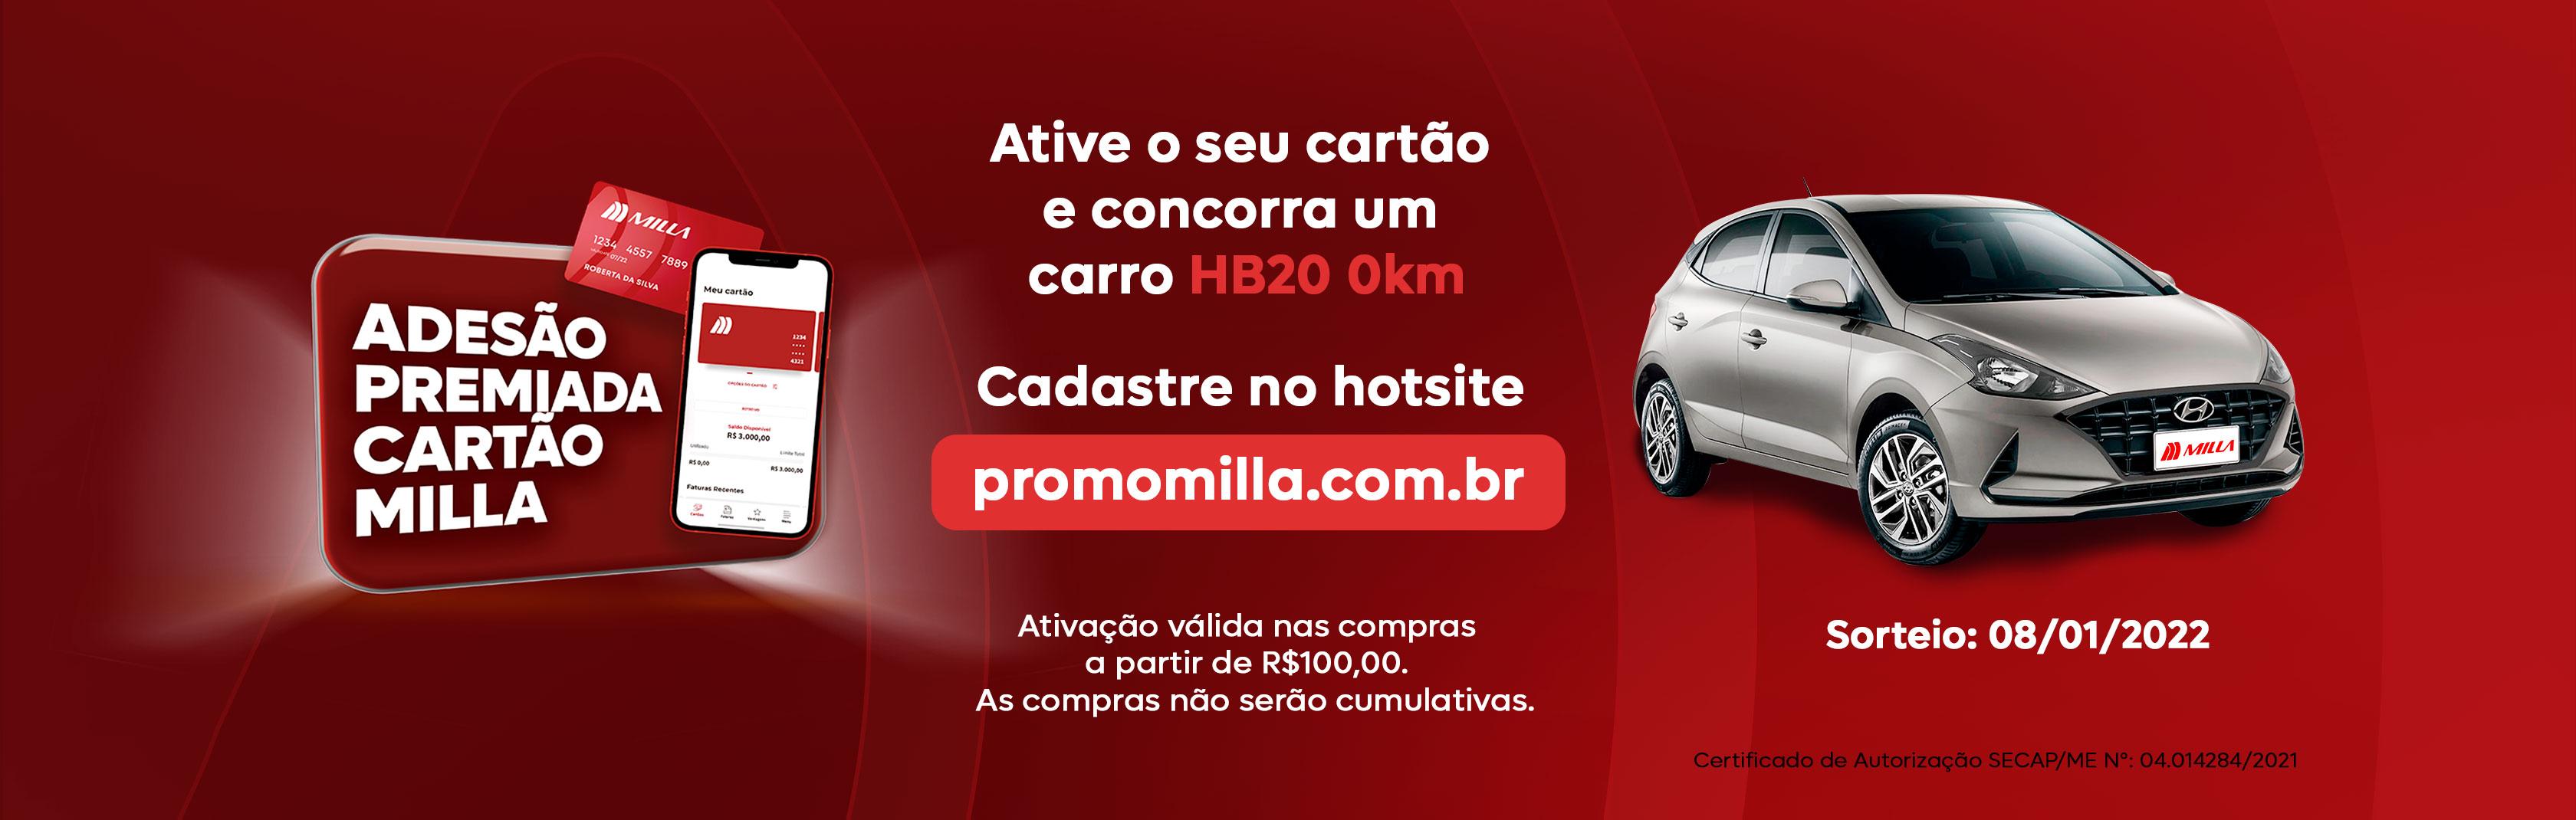 Banner - Cartão Milla carro